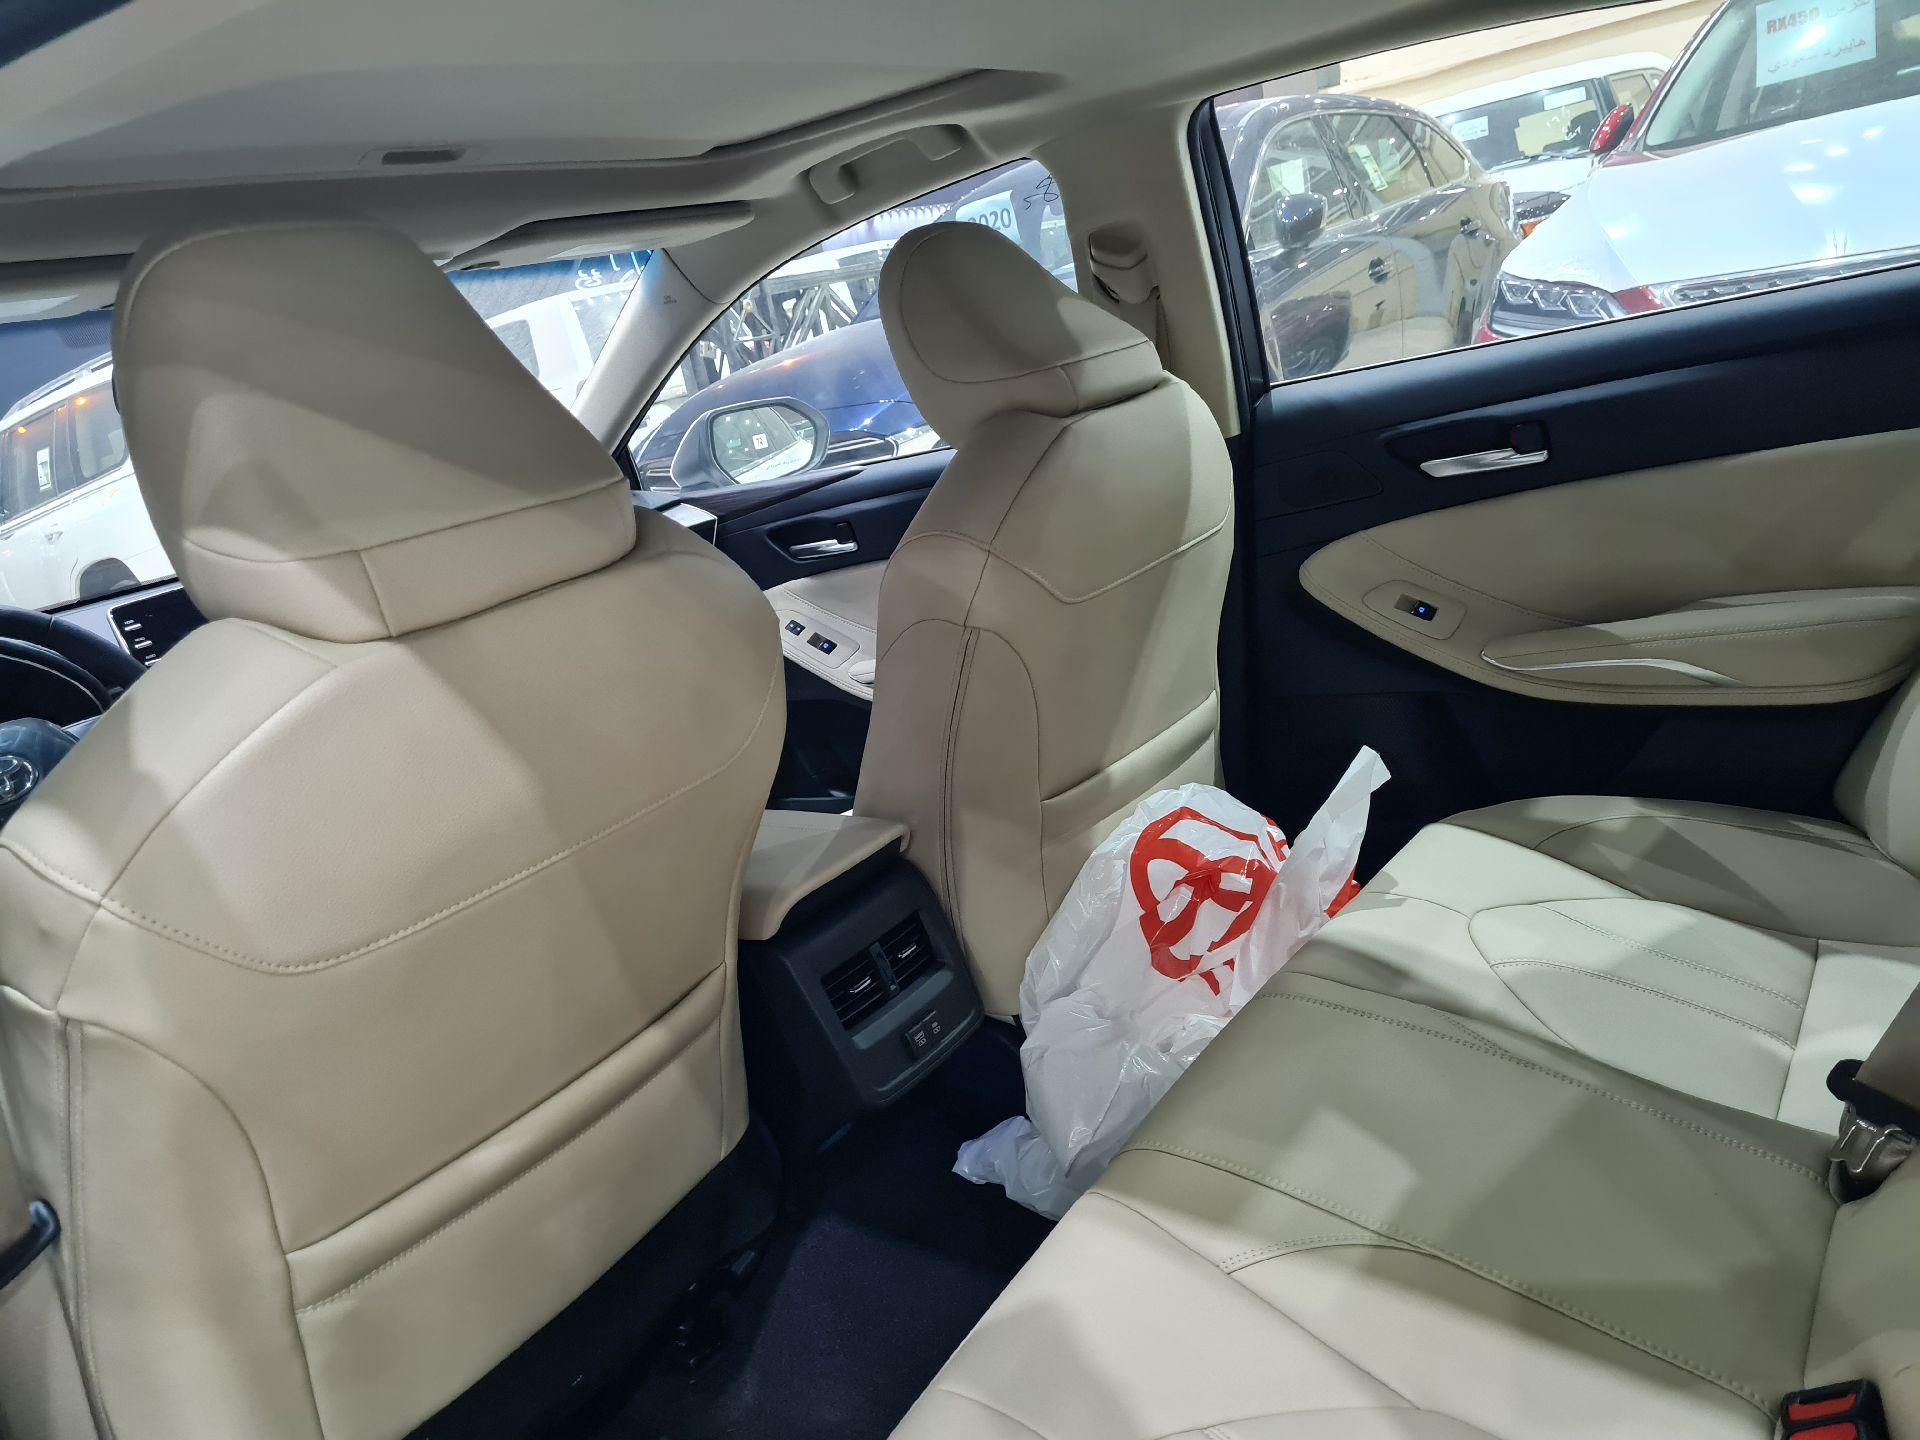 تويوتا افالون Touring نص فل 2021  سعودي جديد للبيع في الرياض - السعودية - صورة كبيرة - 13